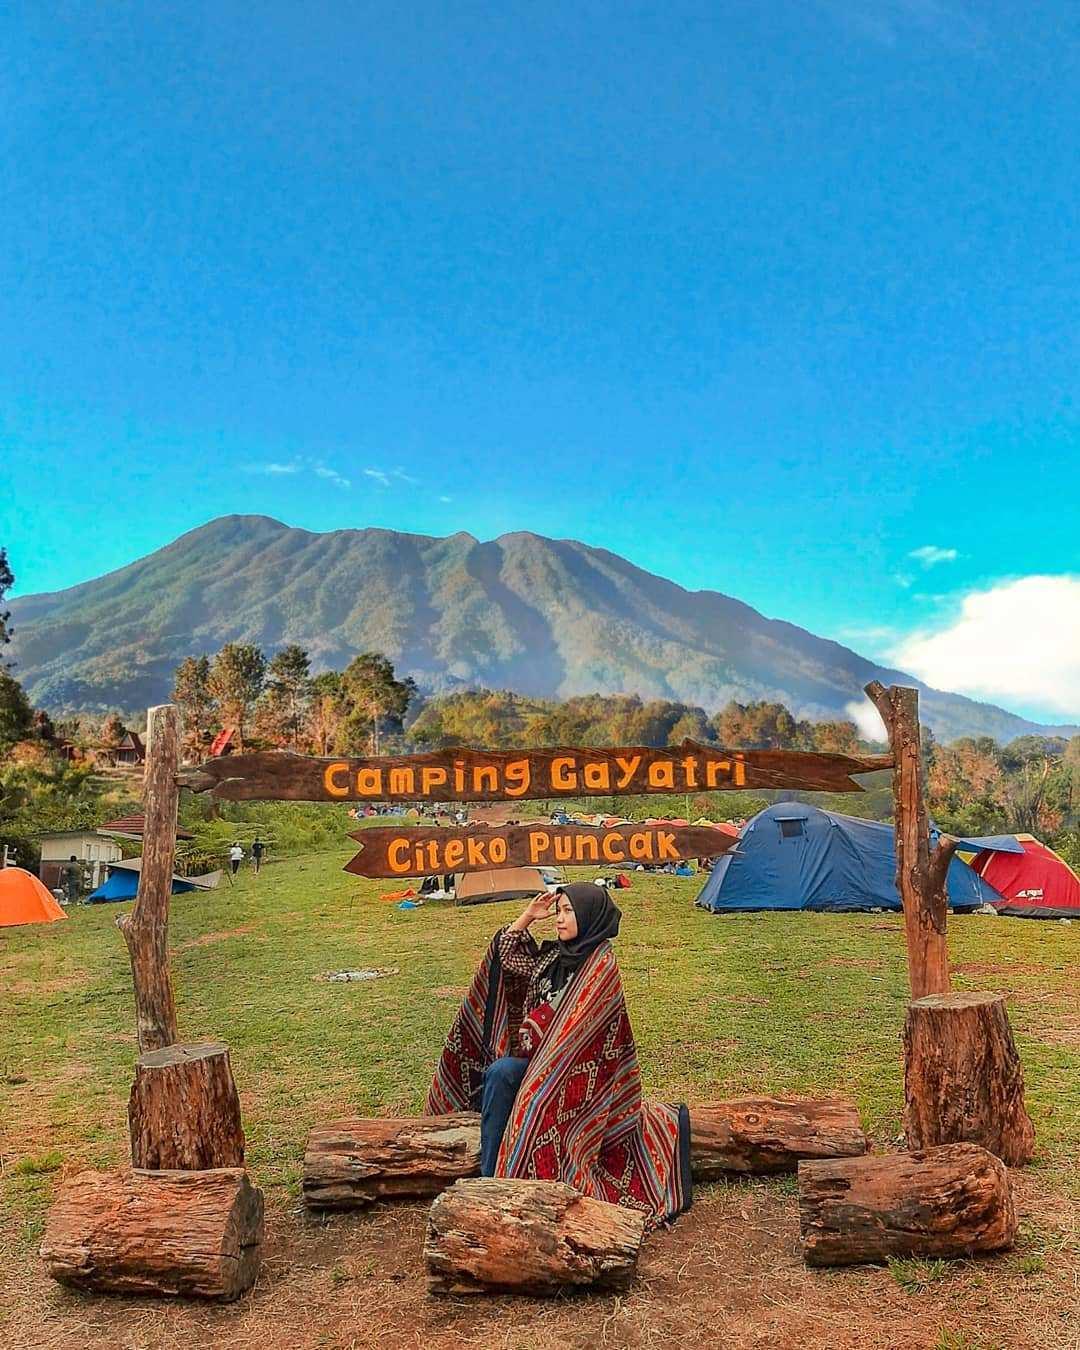 Berfoto di Camping Gayatri Citeko Puncak Bogor Image From @cahmitaaa